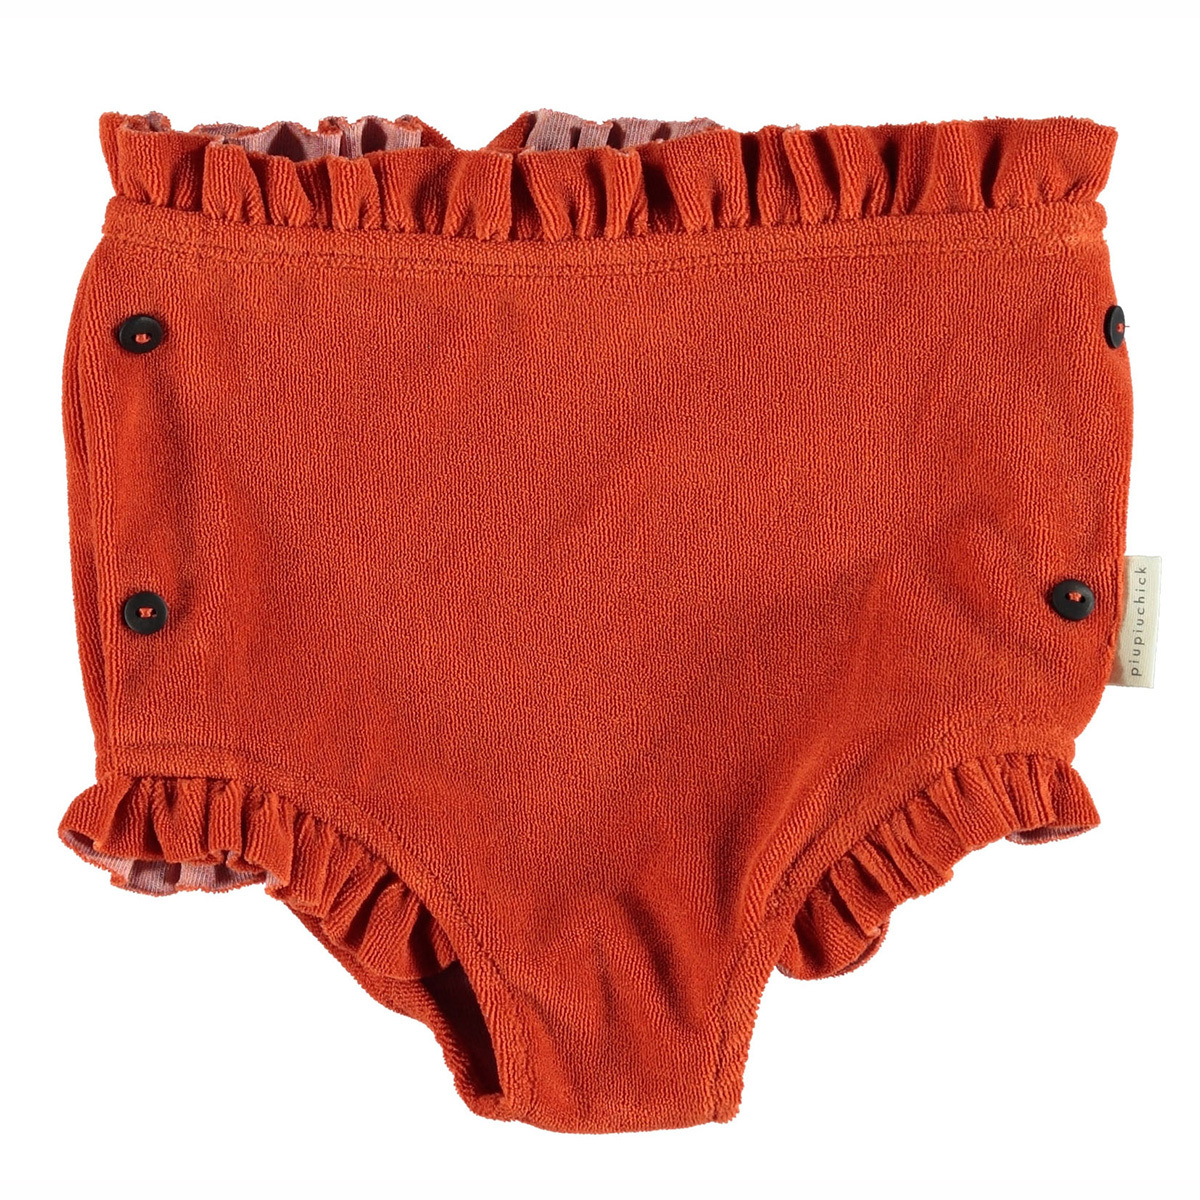 Bas bébé Short Taille Haute - Rouge - 12 Mois Short Taille Haute - Rouge - 12 Mois